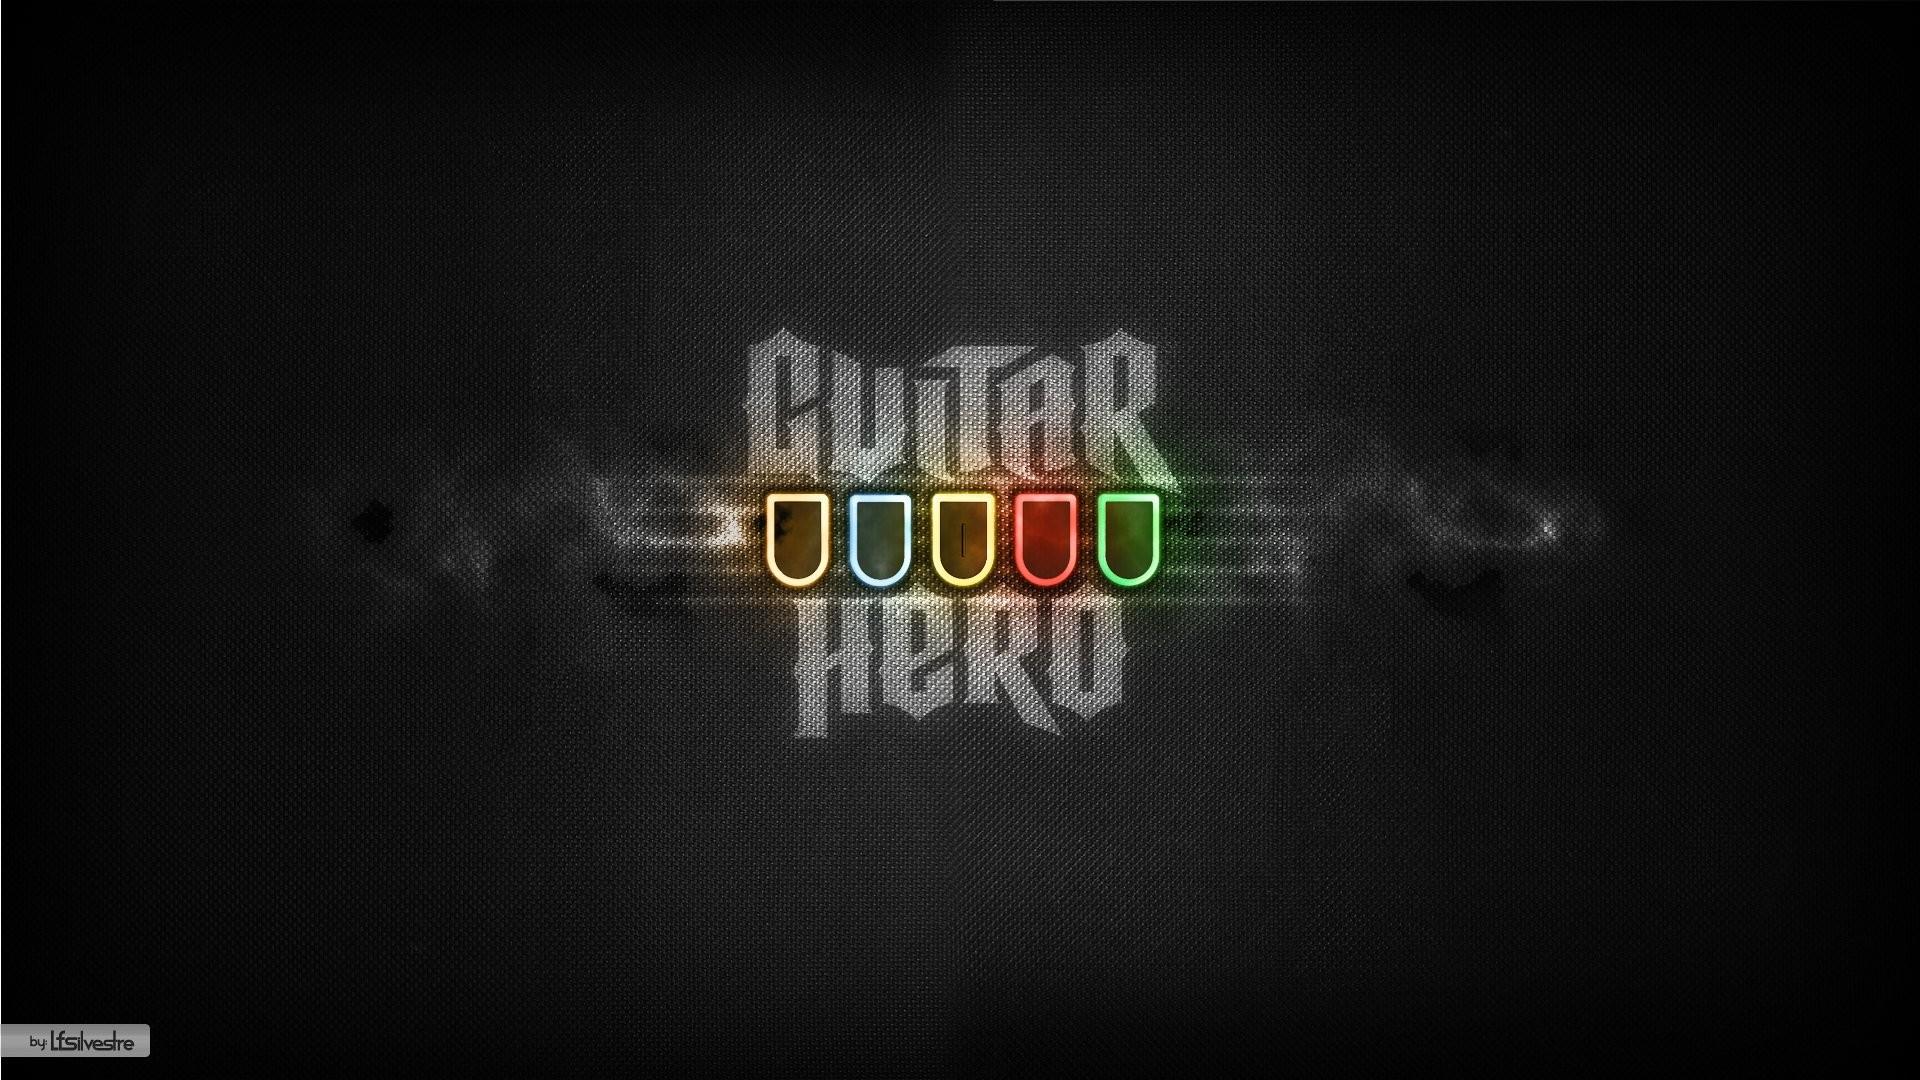 Guitar Hero Wallpapers (59+ images)